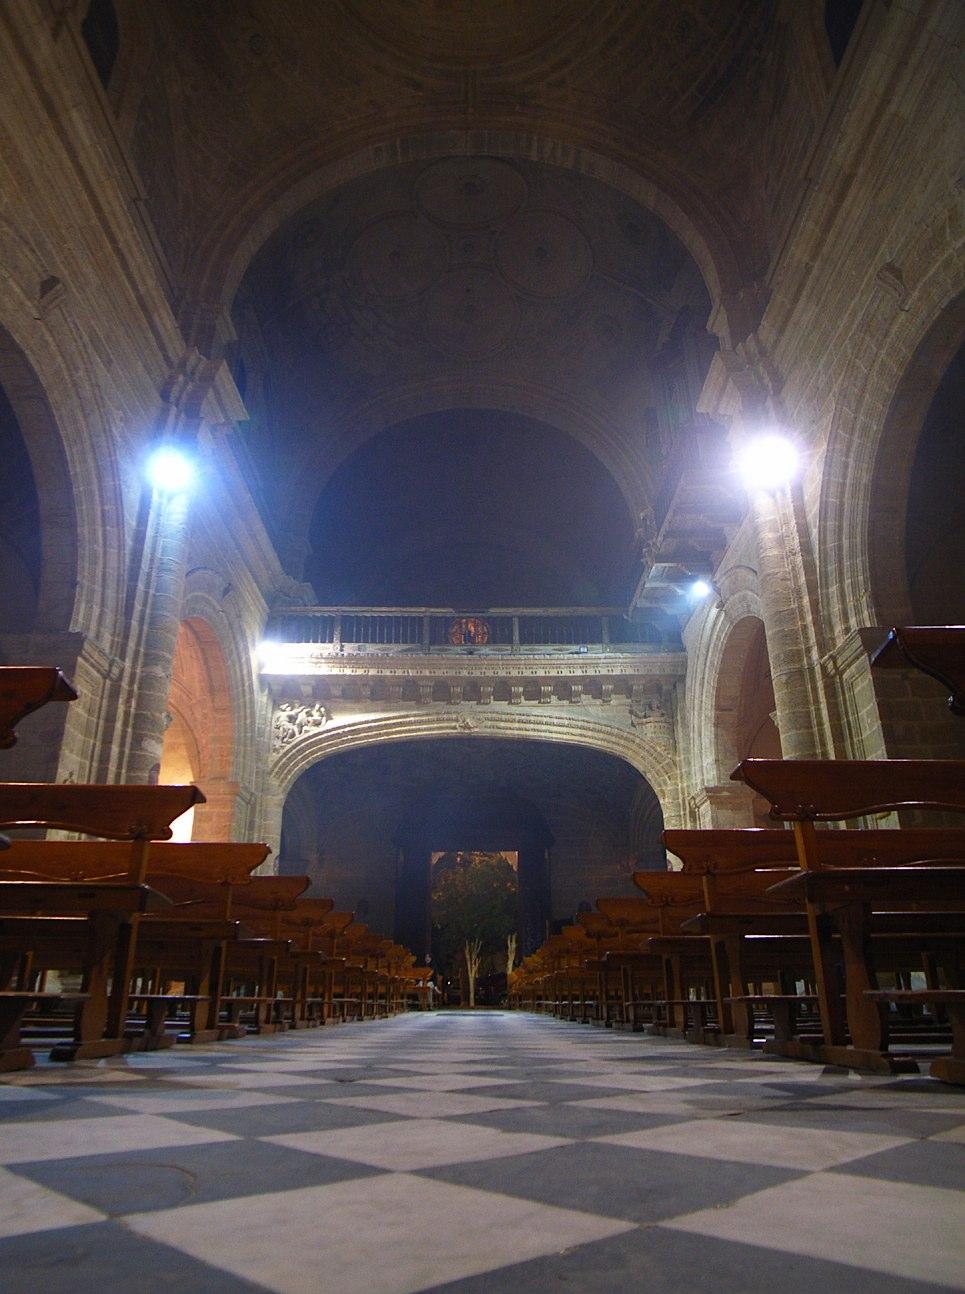 iglesia vertical contra_e0100152_23593182.jpg